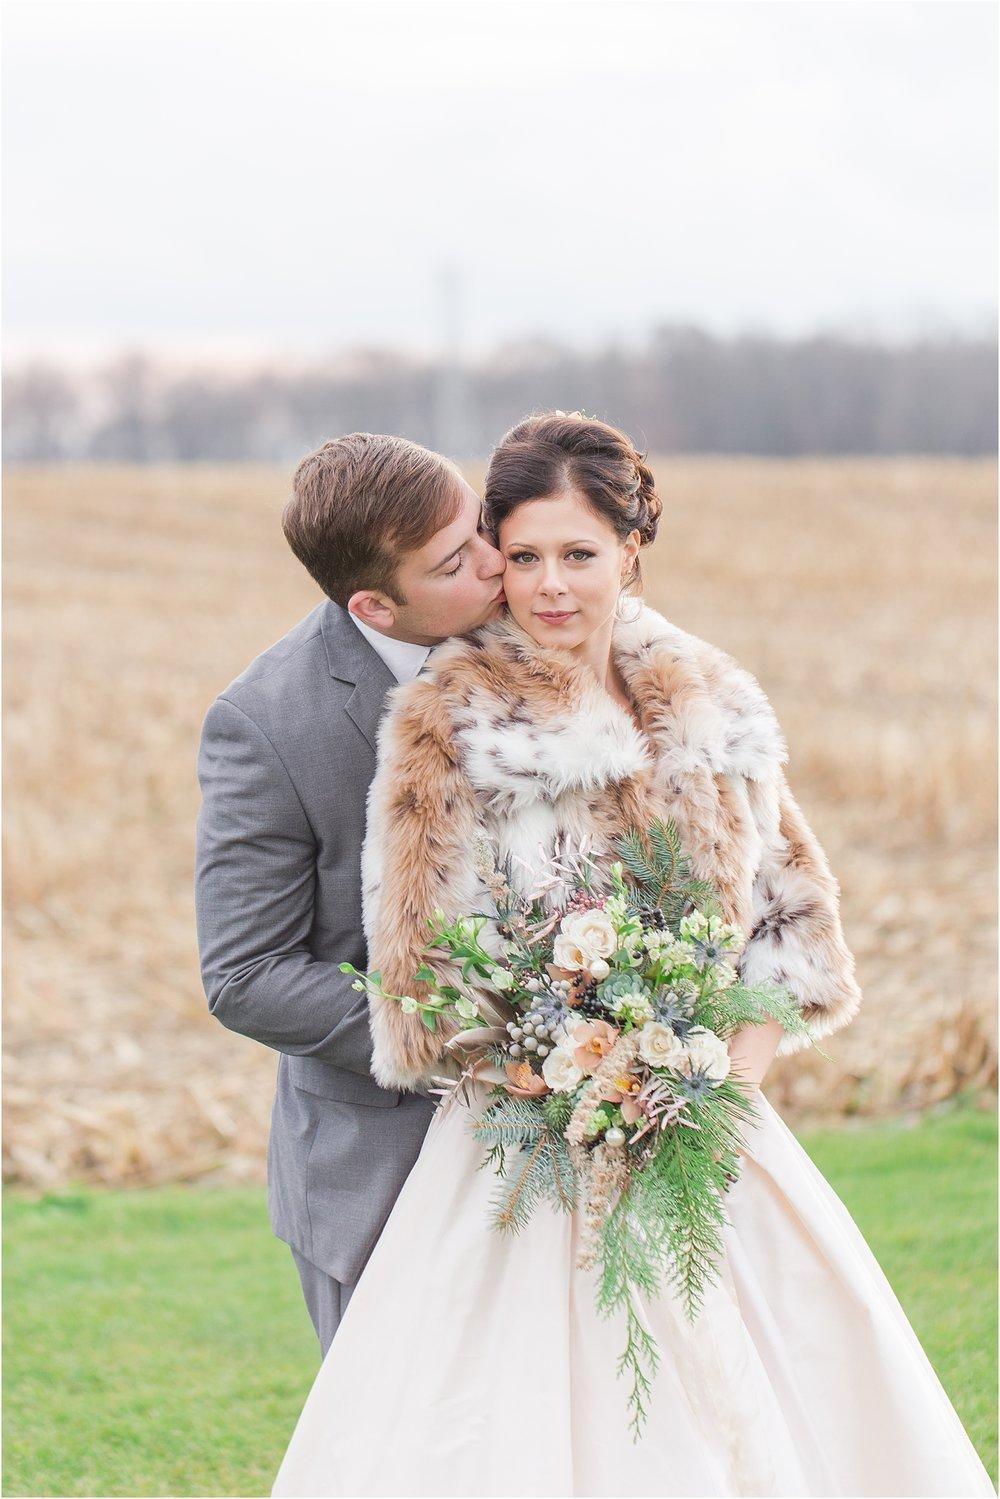 elegant-classic-timeless-candid-winter-wedding-photos-in-ann-arbor-mi-by-courtney-carolyn-photography_0044.jpg